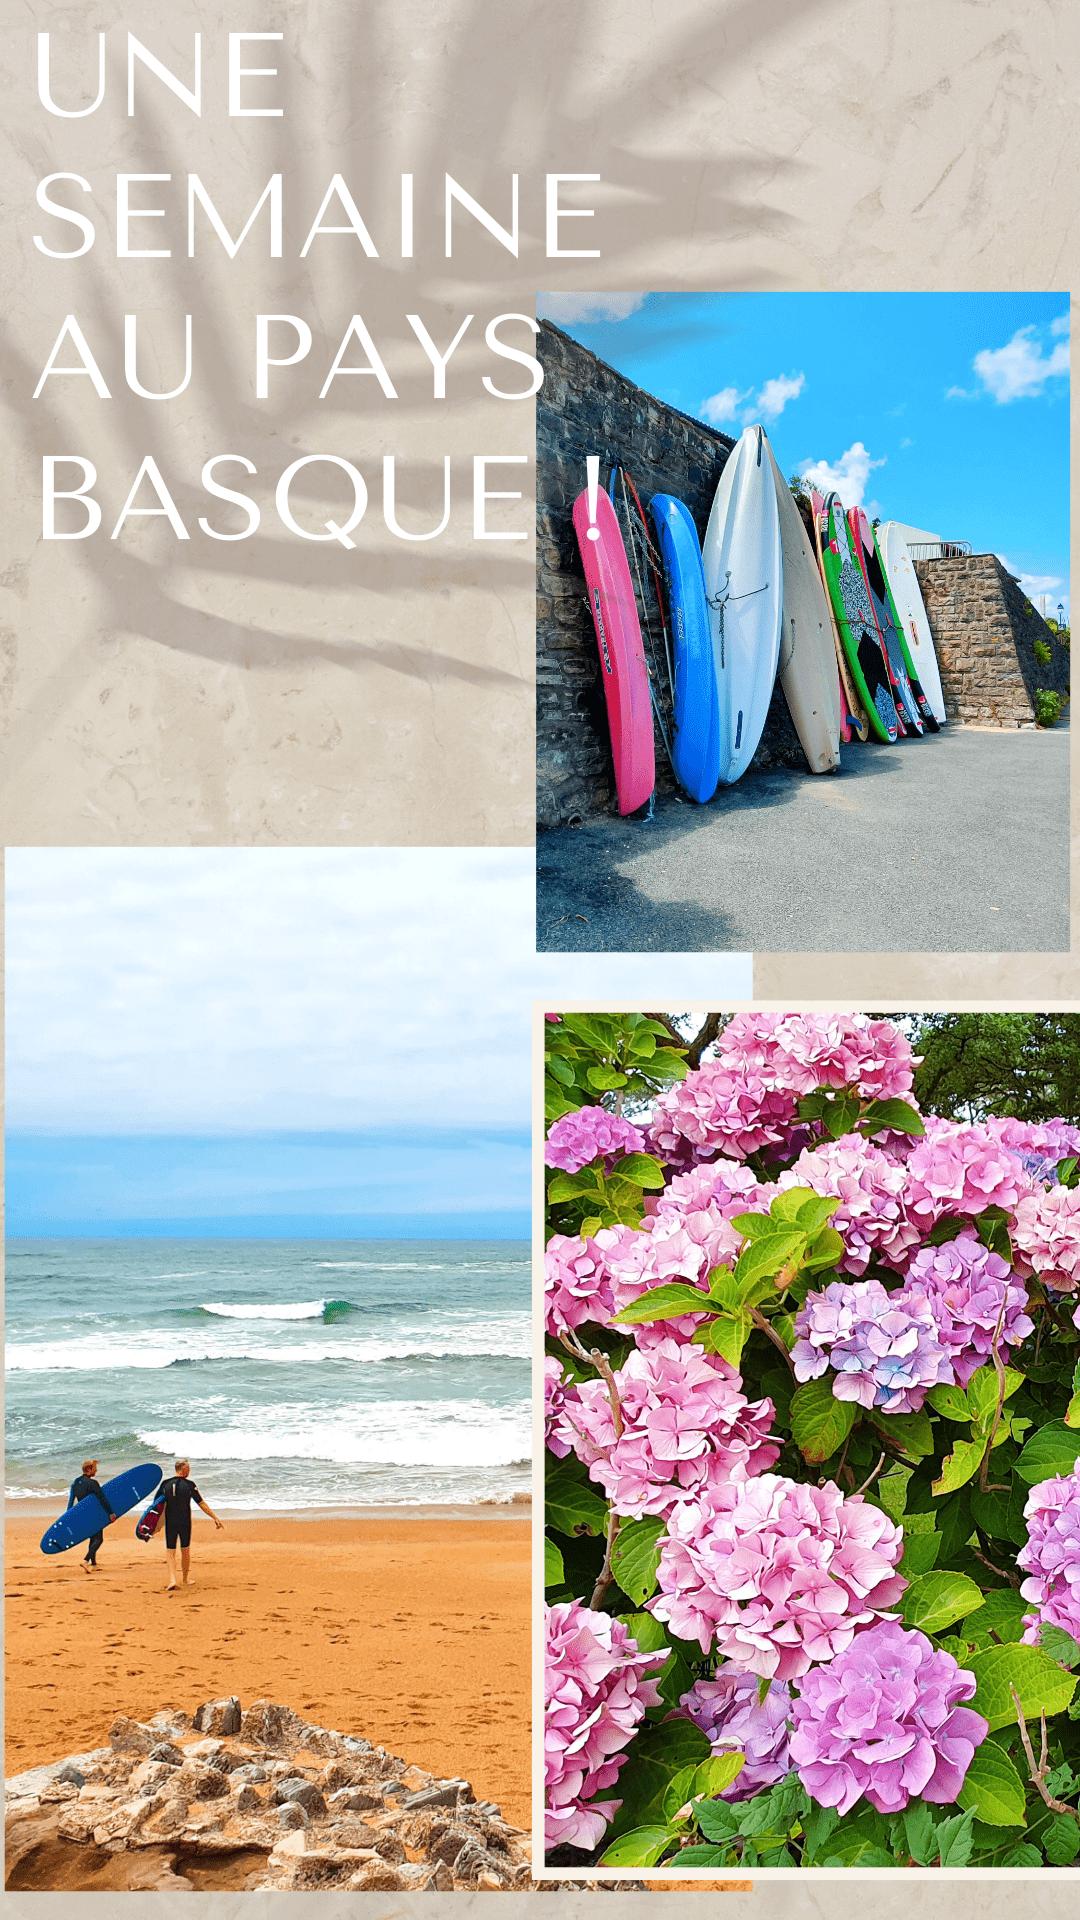 Une semaine au Pays basque, mais pas que...